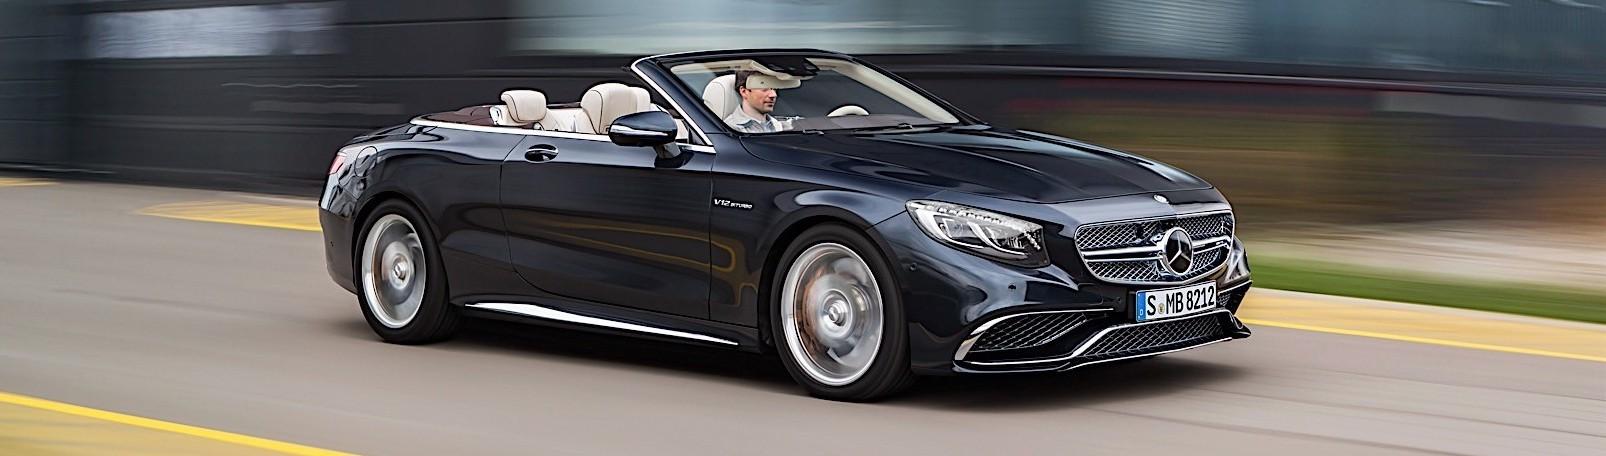 Европа призовава повече системи за безопасност в новите автомобили five-heaviest-convertible-sports-cars-available-in-europe-today_4.jpg